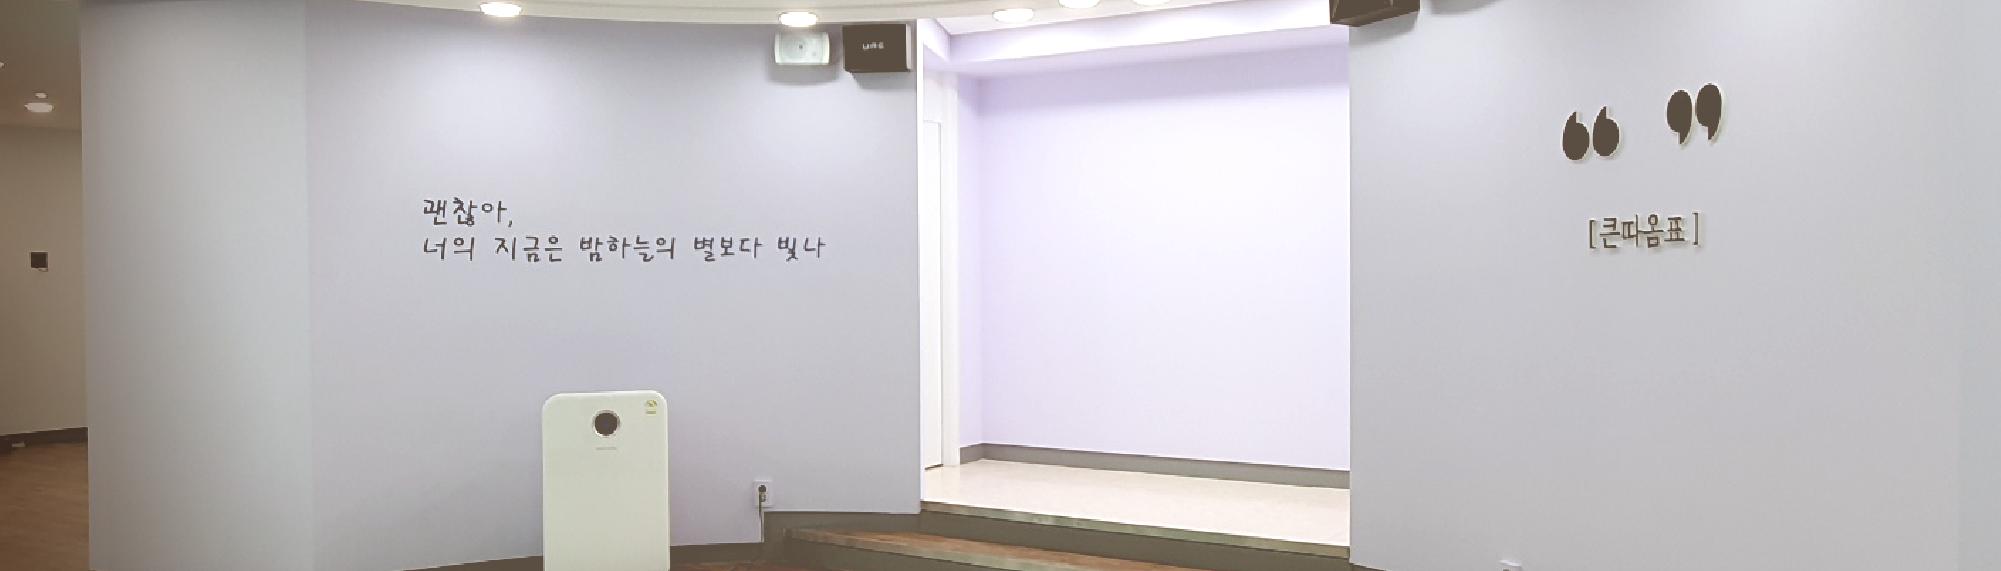 경기도청소년성문화센터 콘텐츠 보강 및 리모델링 공사